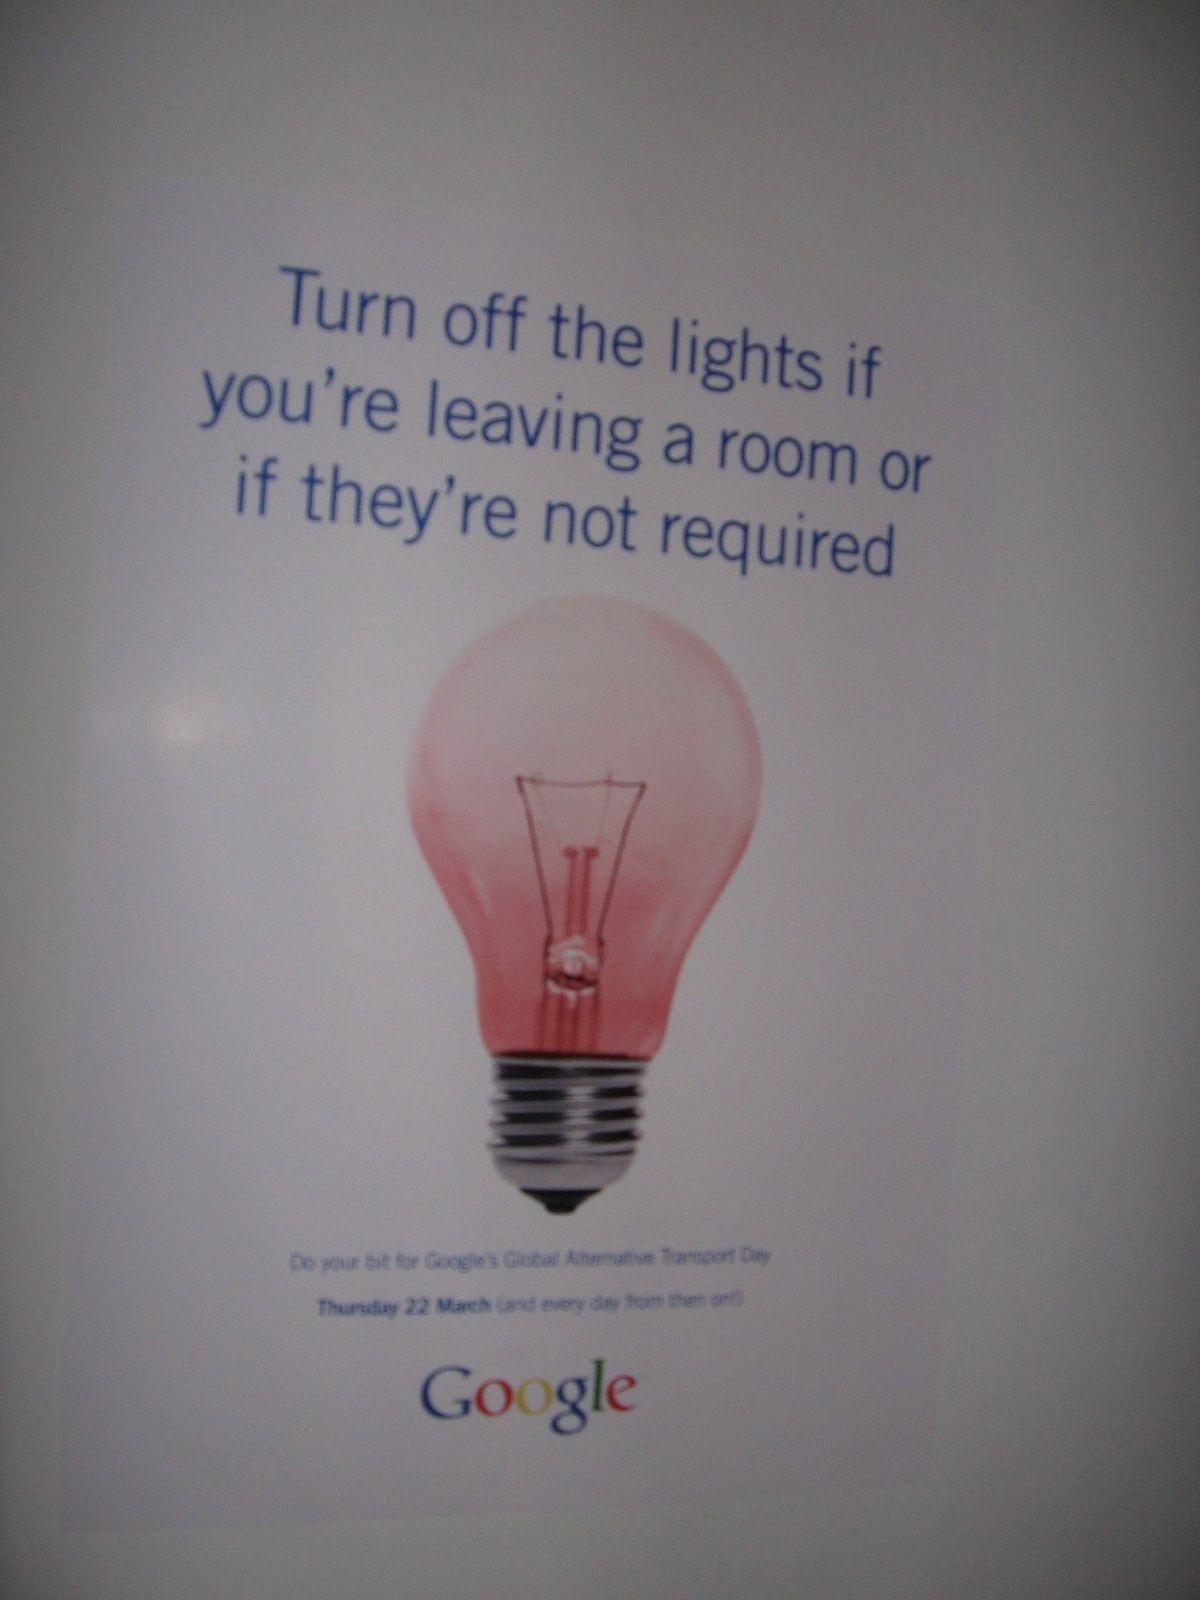 The New Google Tel Aviv Office